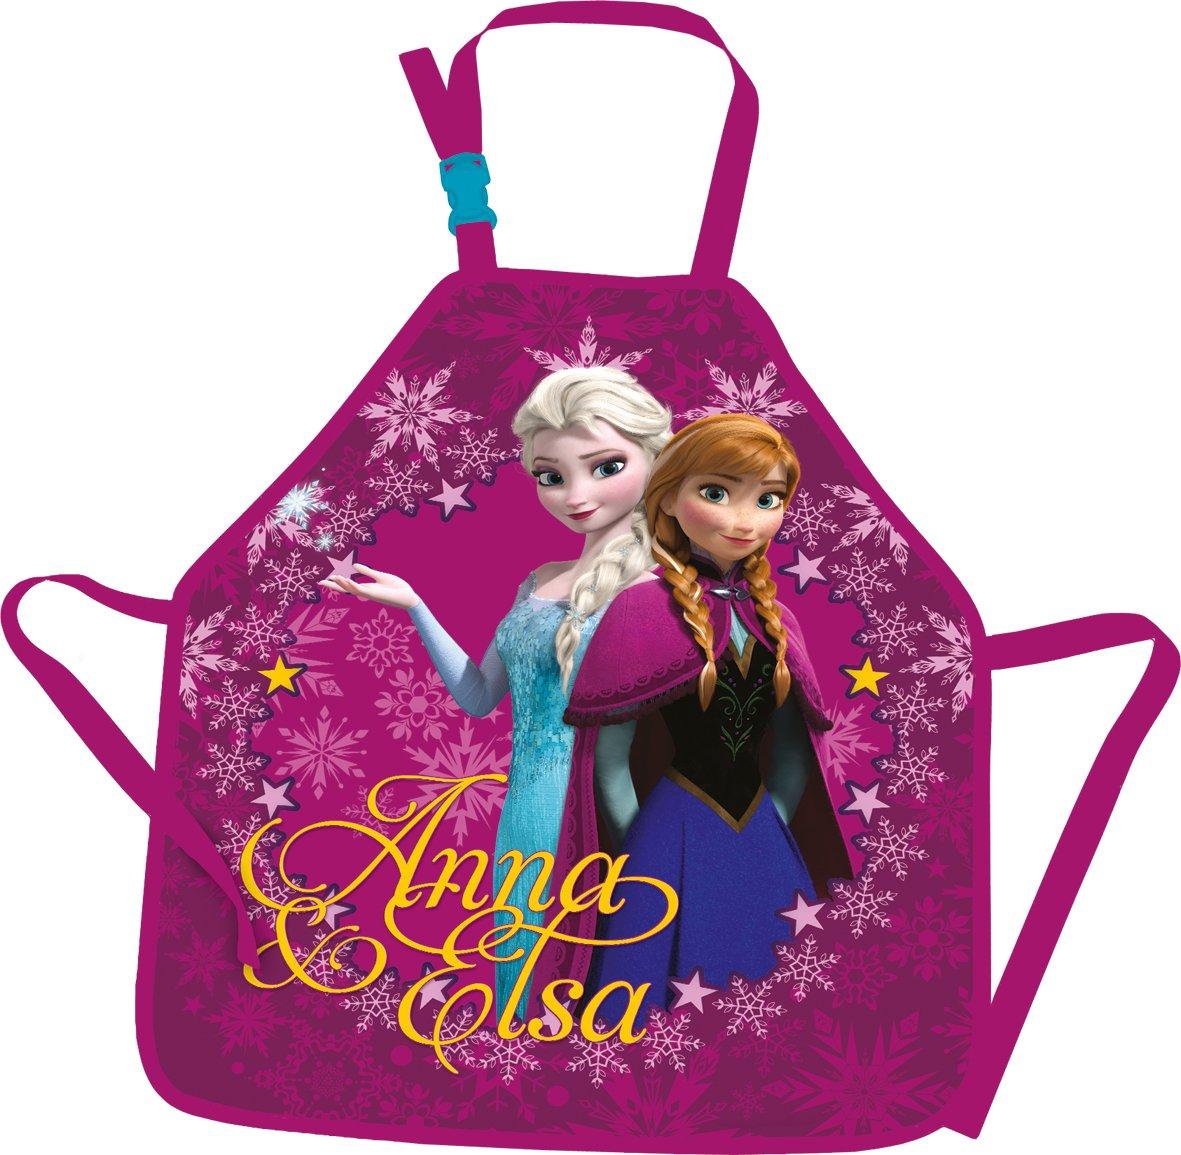 Kinder - Frozen - Anna - Elsa - Eiskö nigin - lila Malschü rze - Mal Schü rze - Schule - Kindergarten - Schü rze - ca. 56 x 31 cm schnäppchenmarkt111 Frozen - 1